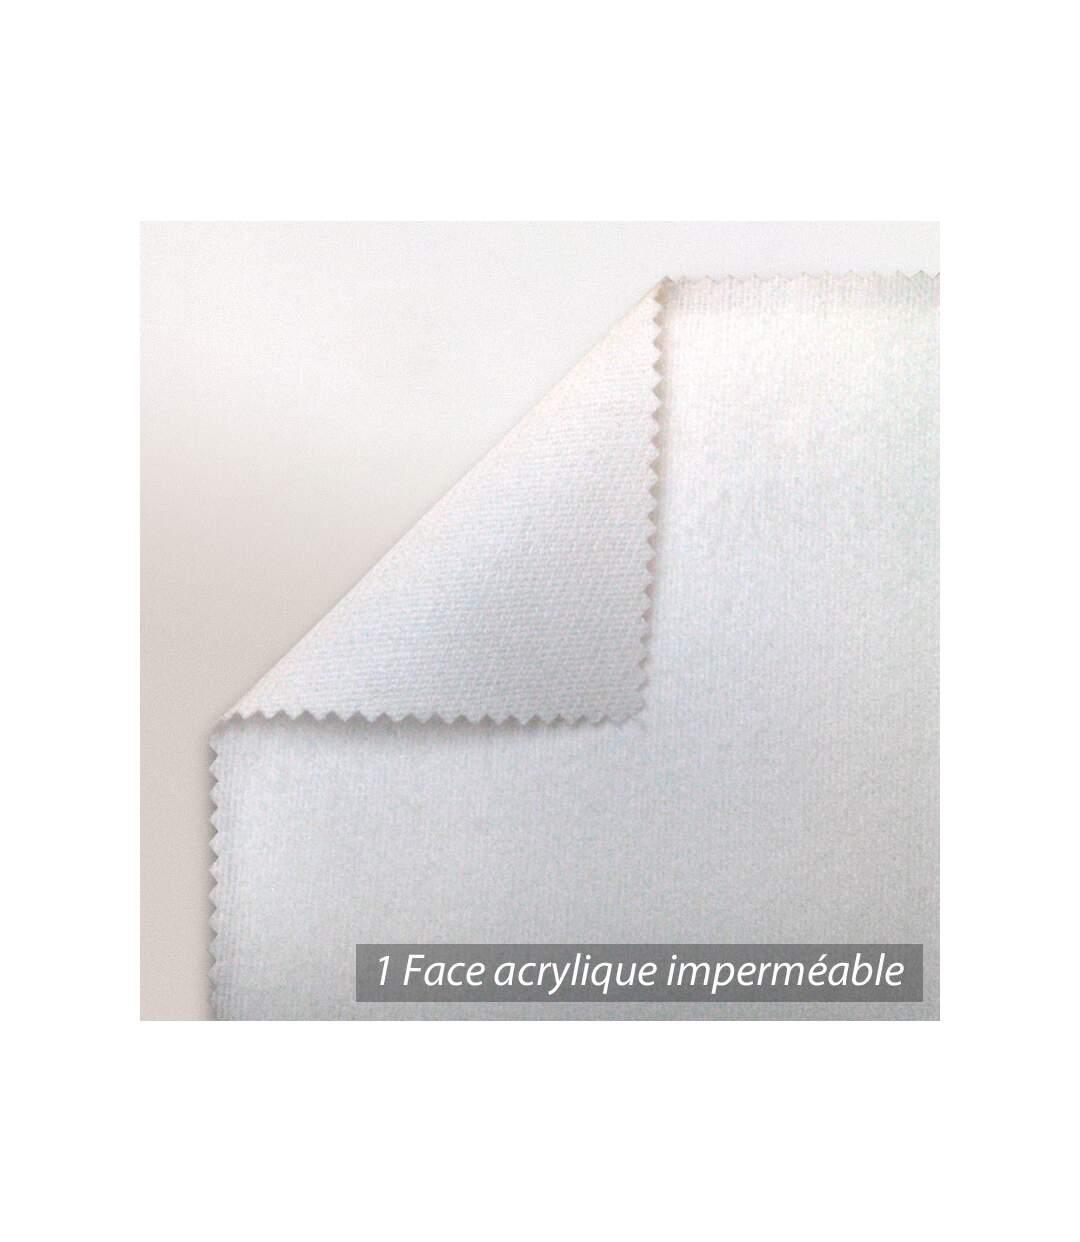 Protège matelas imperméable 140x220 cm ANTONY Molleton enduction acrylique Bonnet 30cm